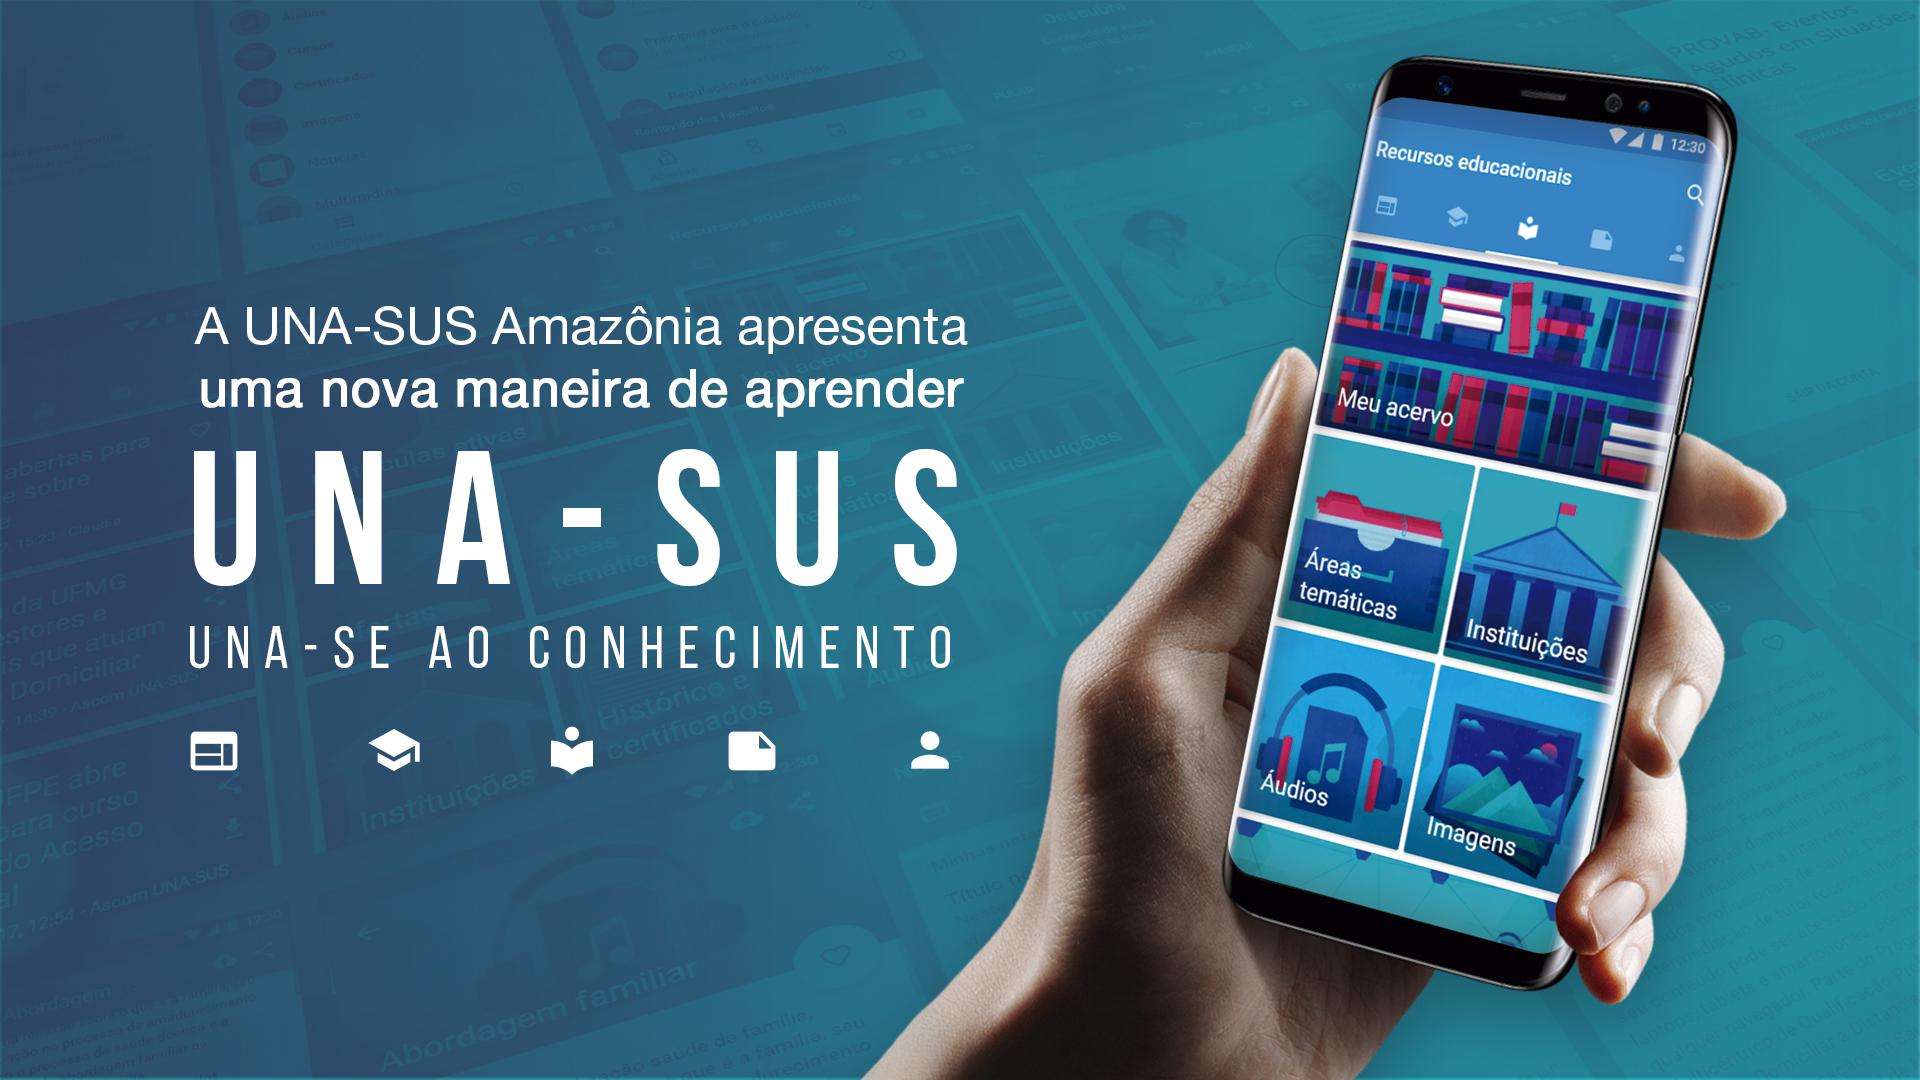 app unasus